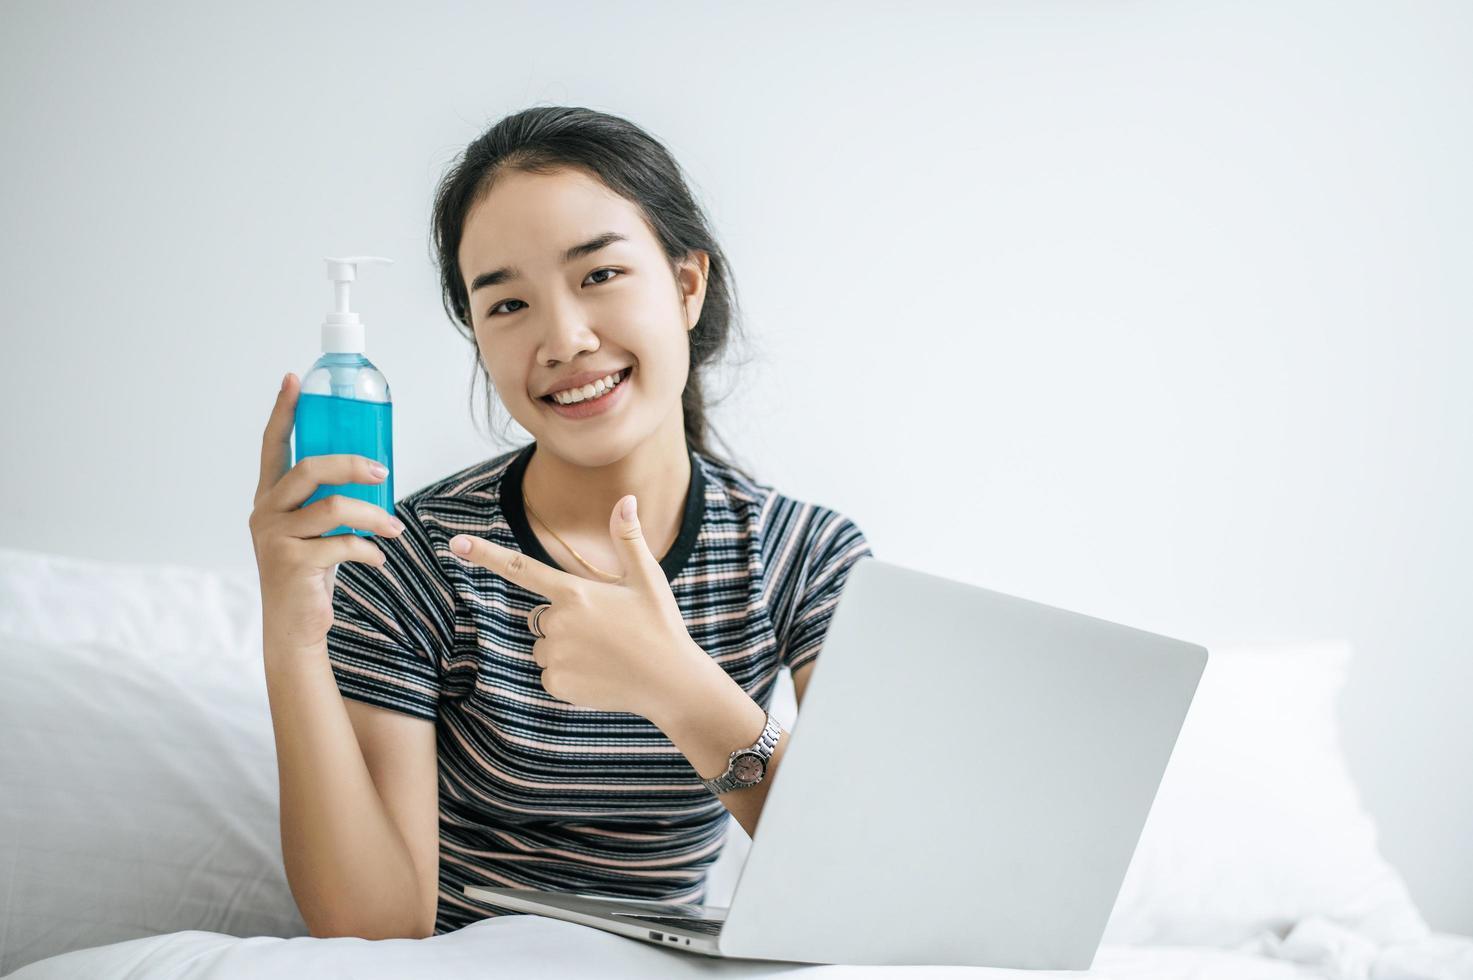 Young woman using hand washing gel photo